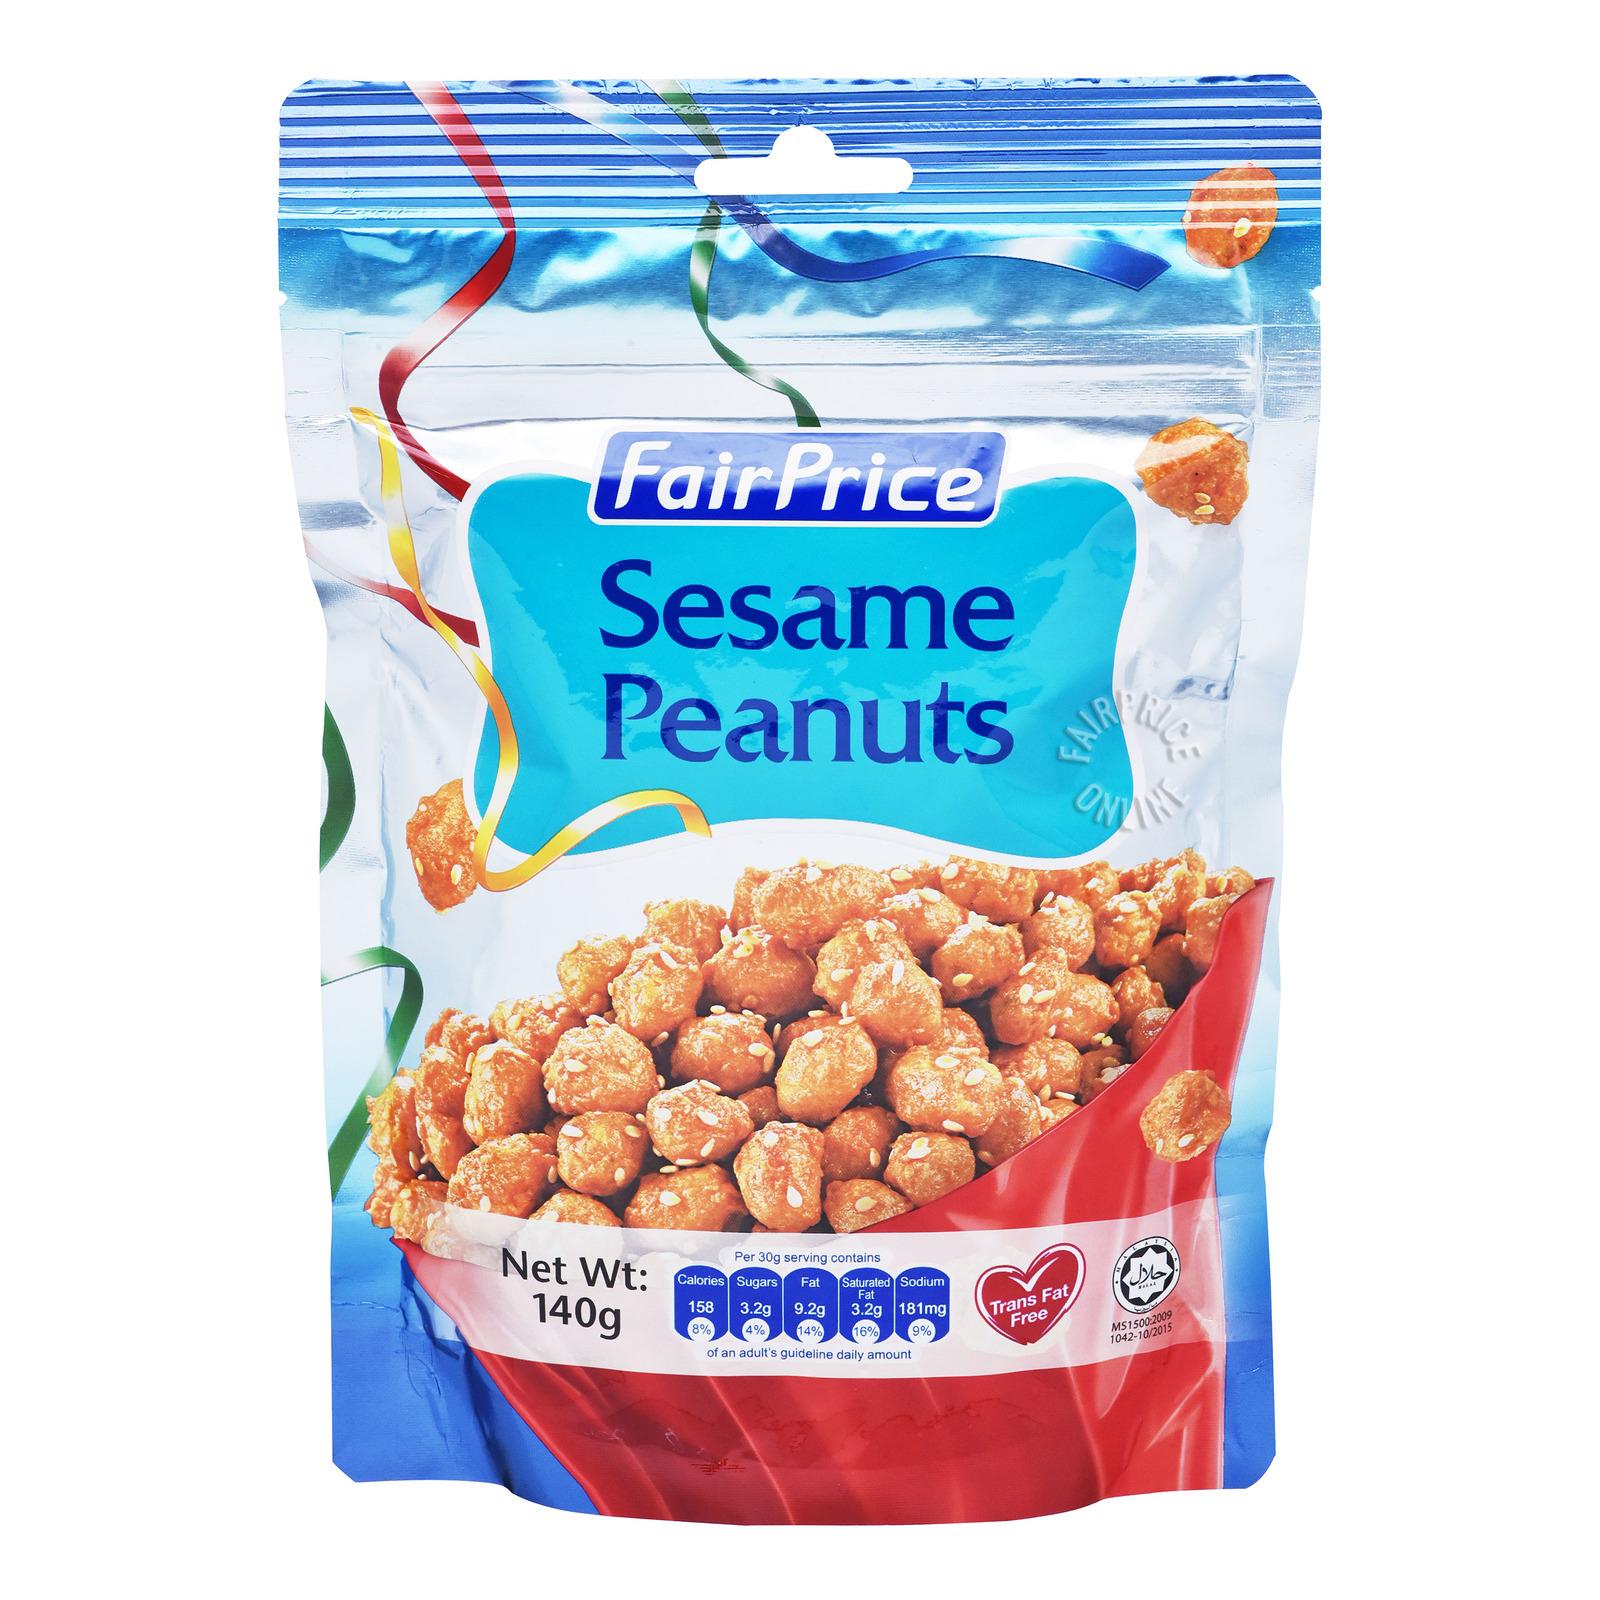 FairPrice Peanuts - Sesame